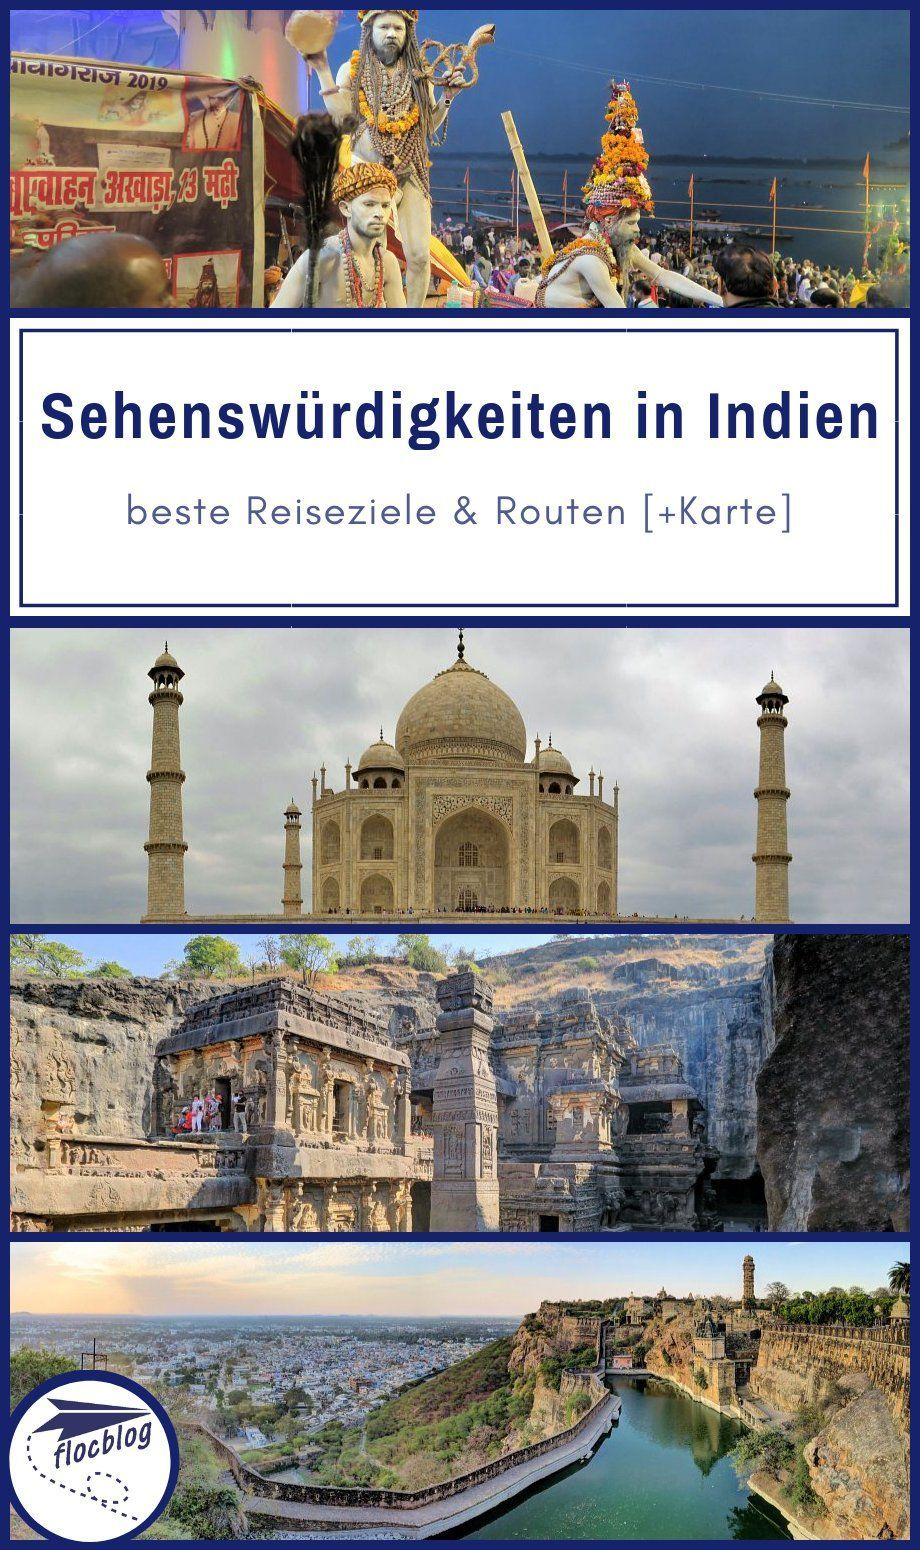 Sehenswurdigkeiten In Indien Beste Reiseziele Routen 2019